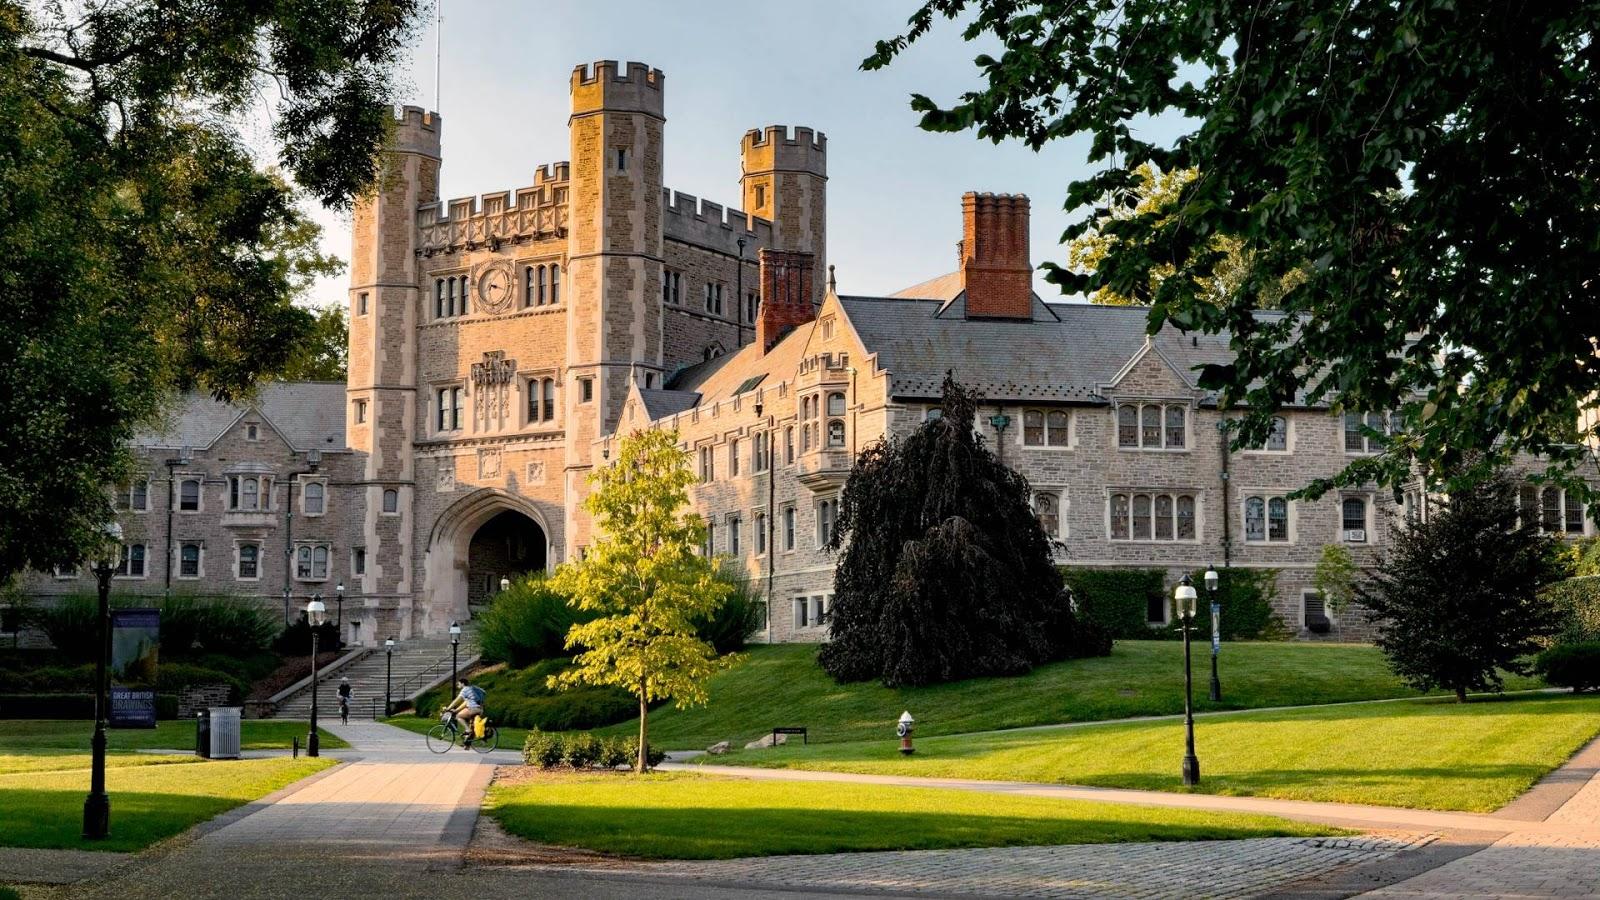 جامعة برنستون: معلومات عنها وتاريخها ومكانها وأبرز خريجيها